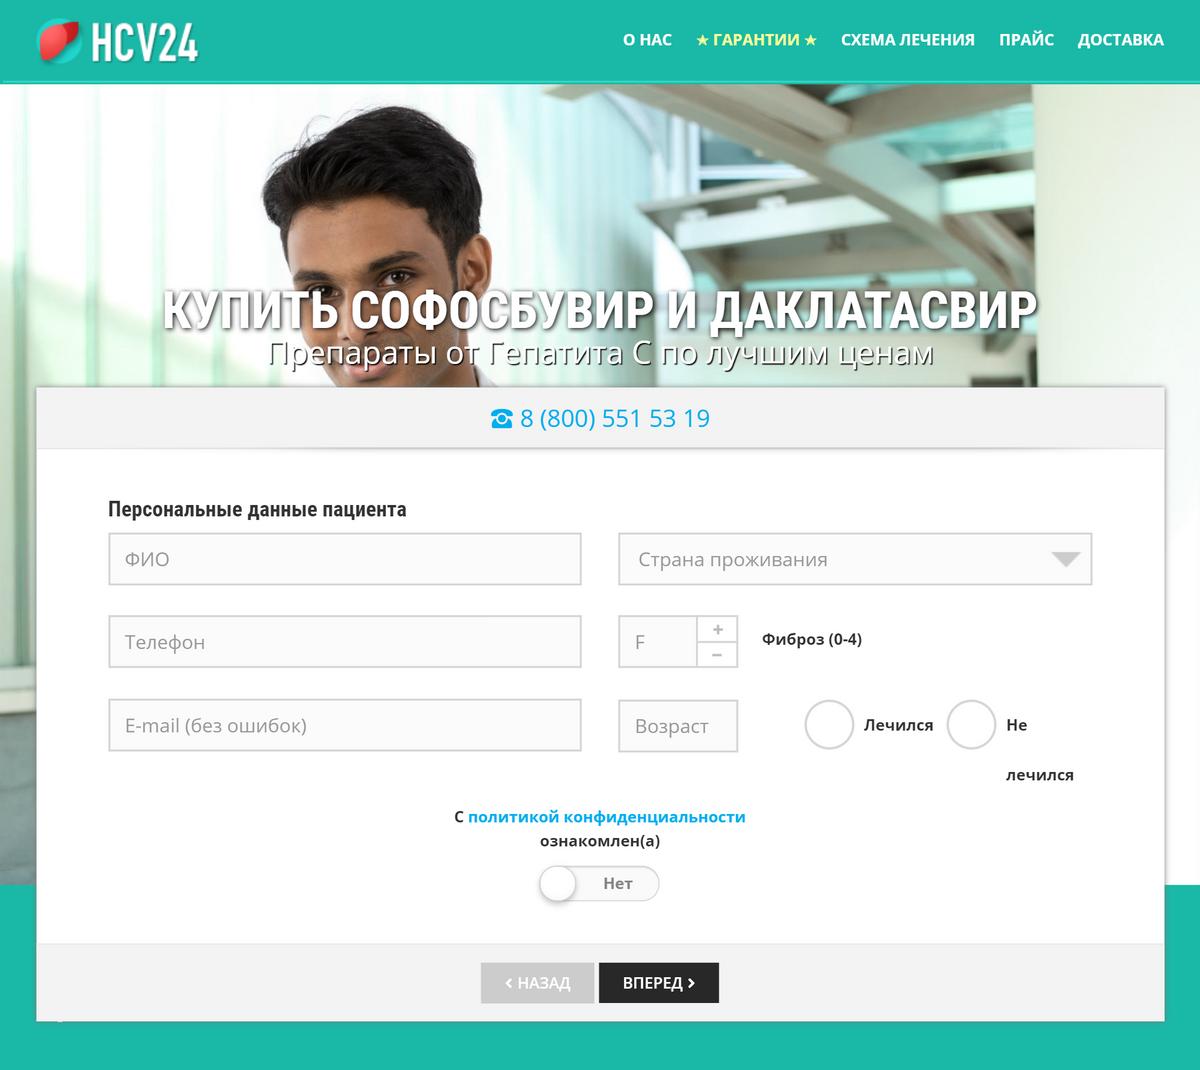 Так выглядит главная страница сайта, где я покупал лекарства. Источник: HCV24